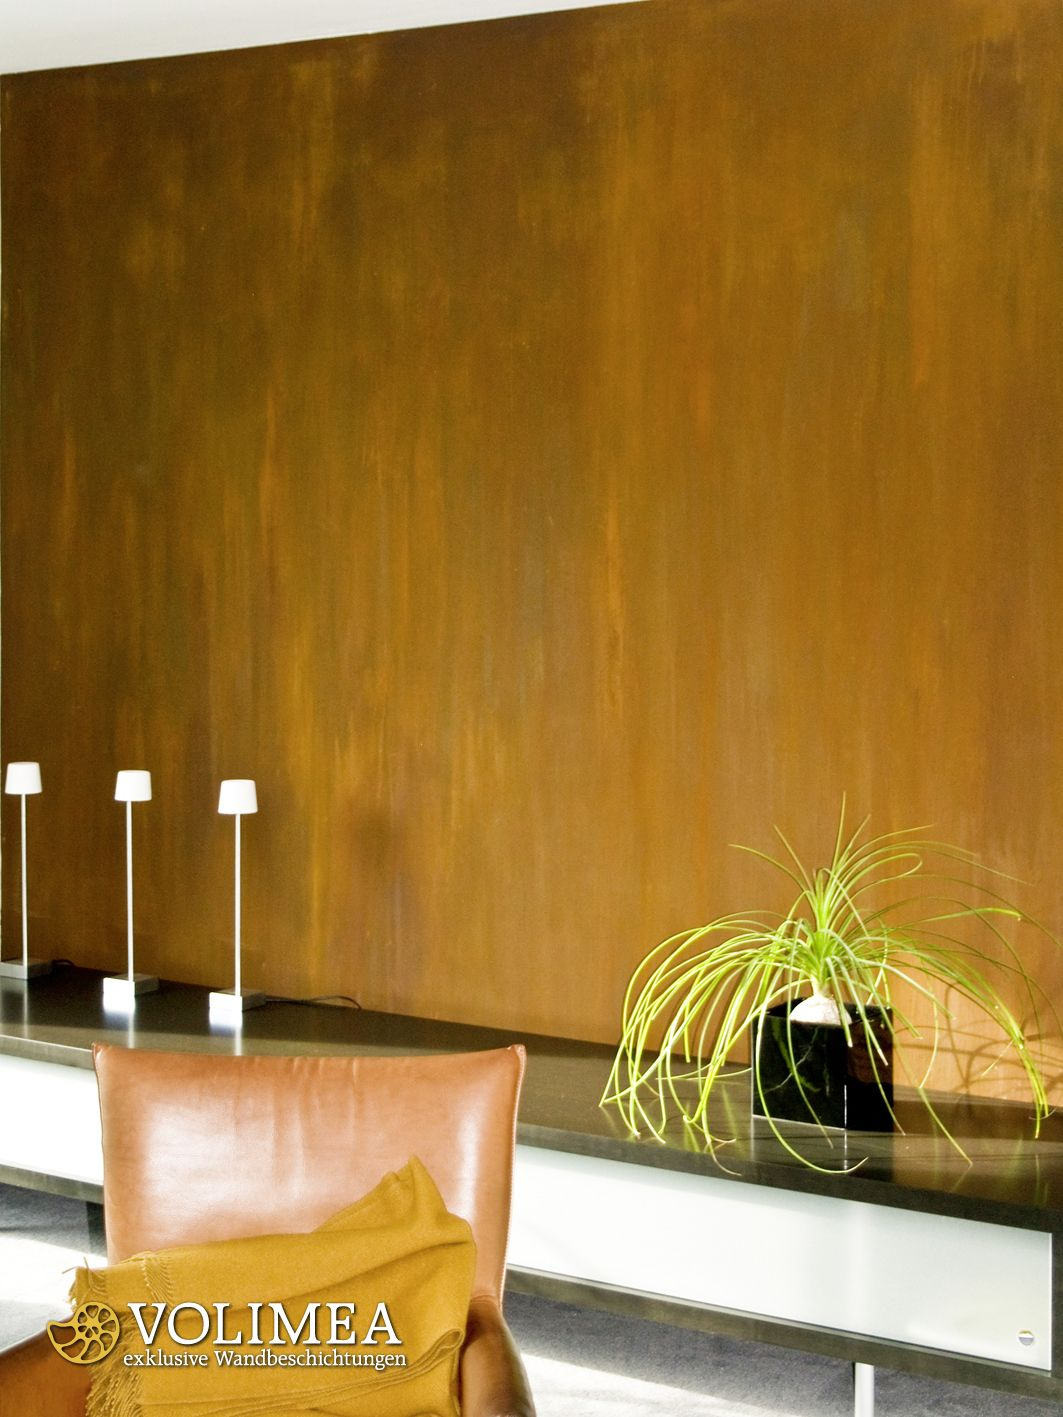 Schoner Wohnen Mit Rostputz Von Volimea Hochwertige Wandideen Furs Bad Flur Wohnzimmer Kuche Schlafzimmer Oder Eine Kaming Wandgestaltung Interieur Design